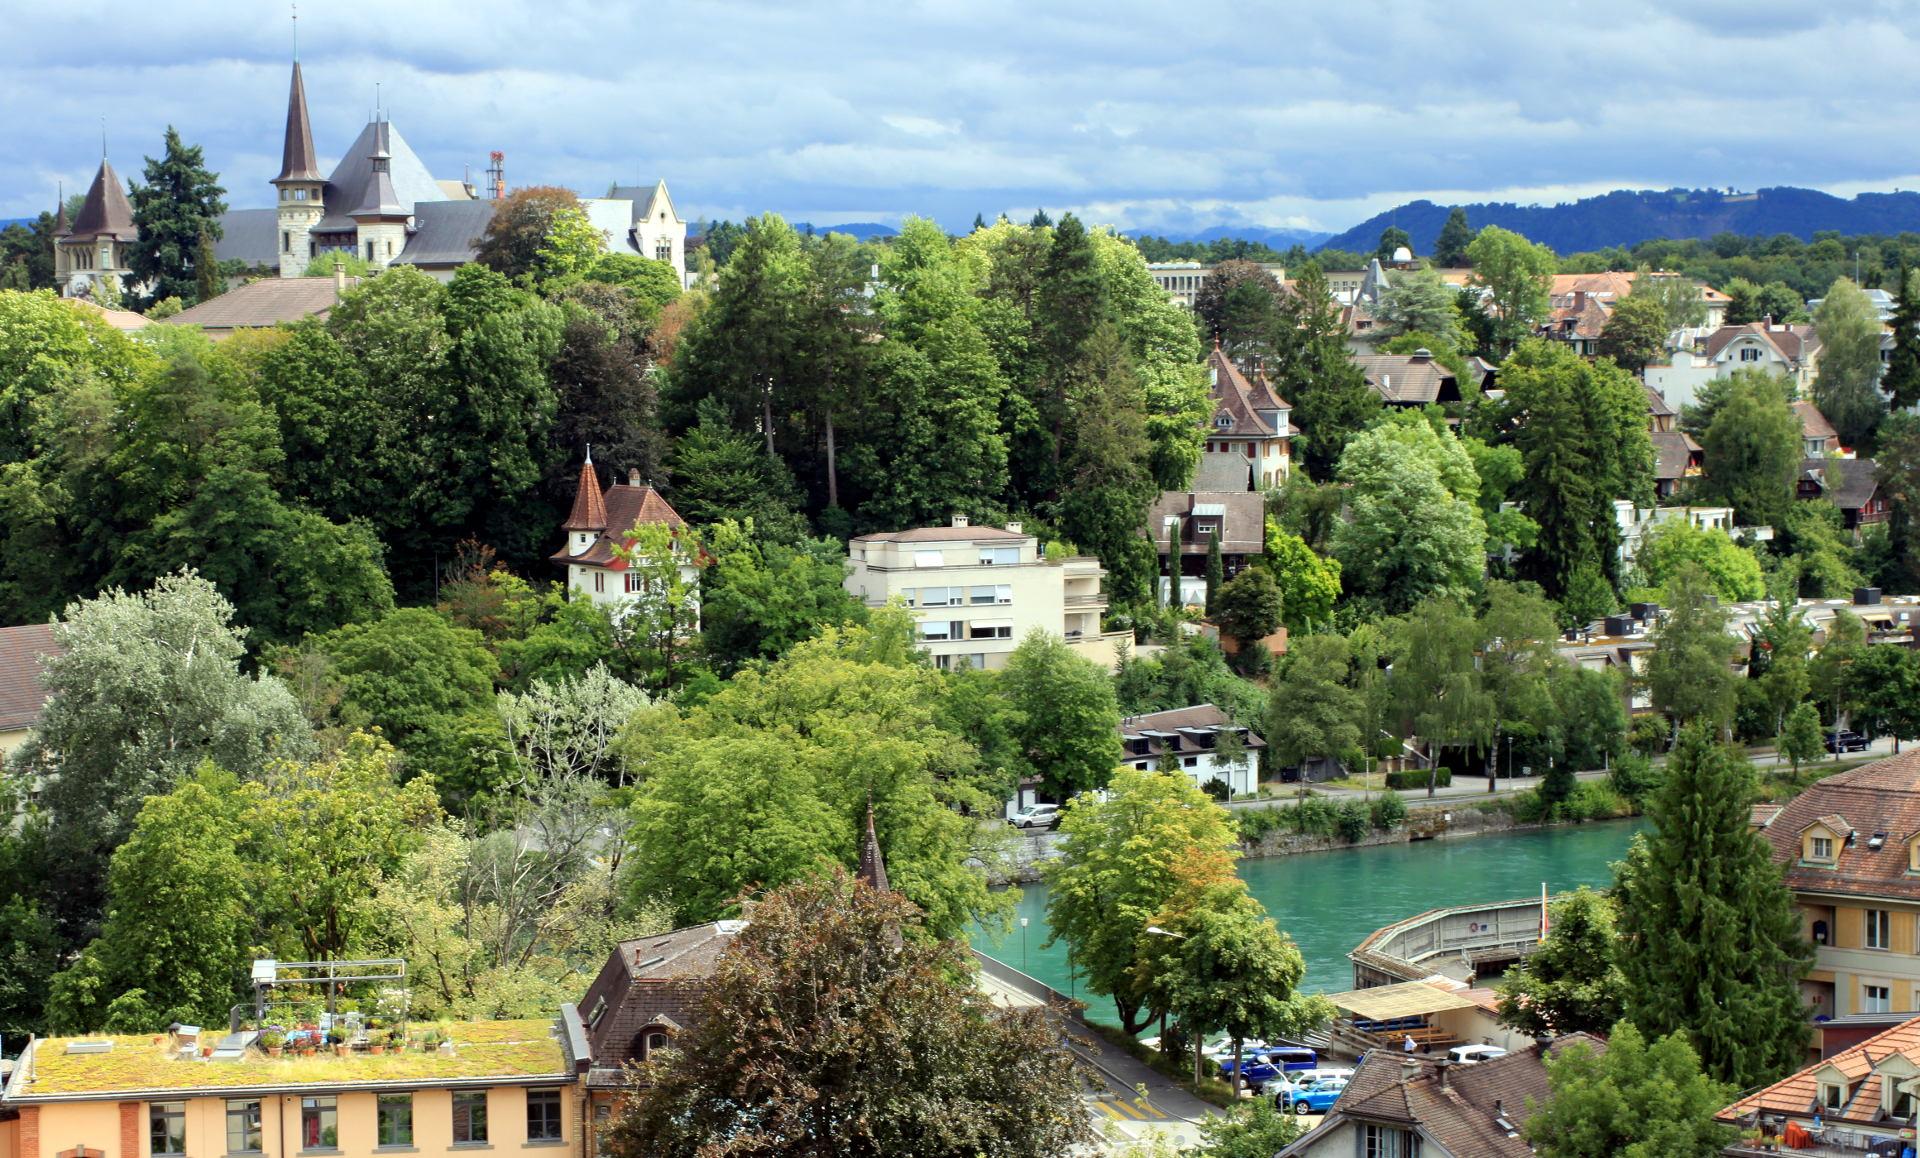 szwajcaria berno bern rzeka aare most kamienice staremiasto stolica iglawpodrozy